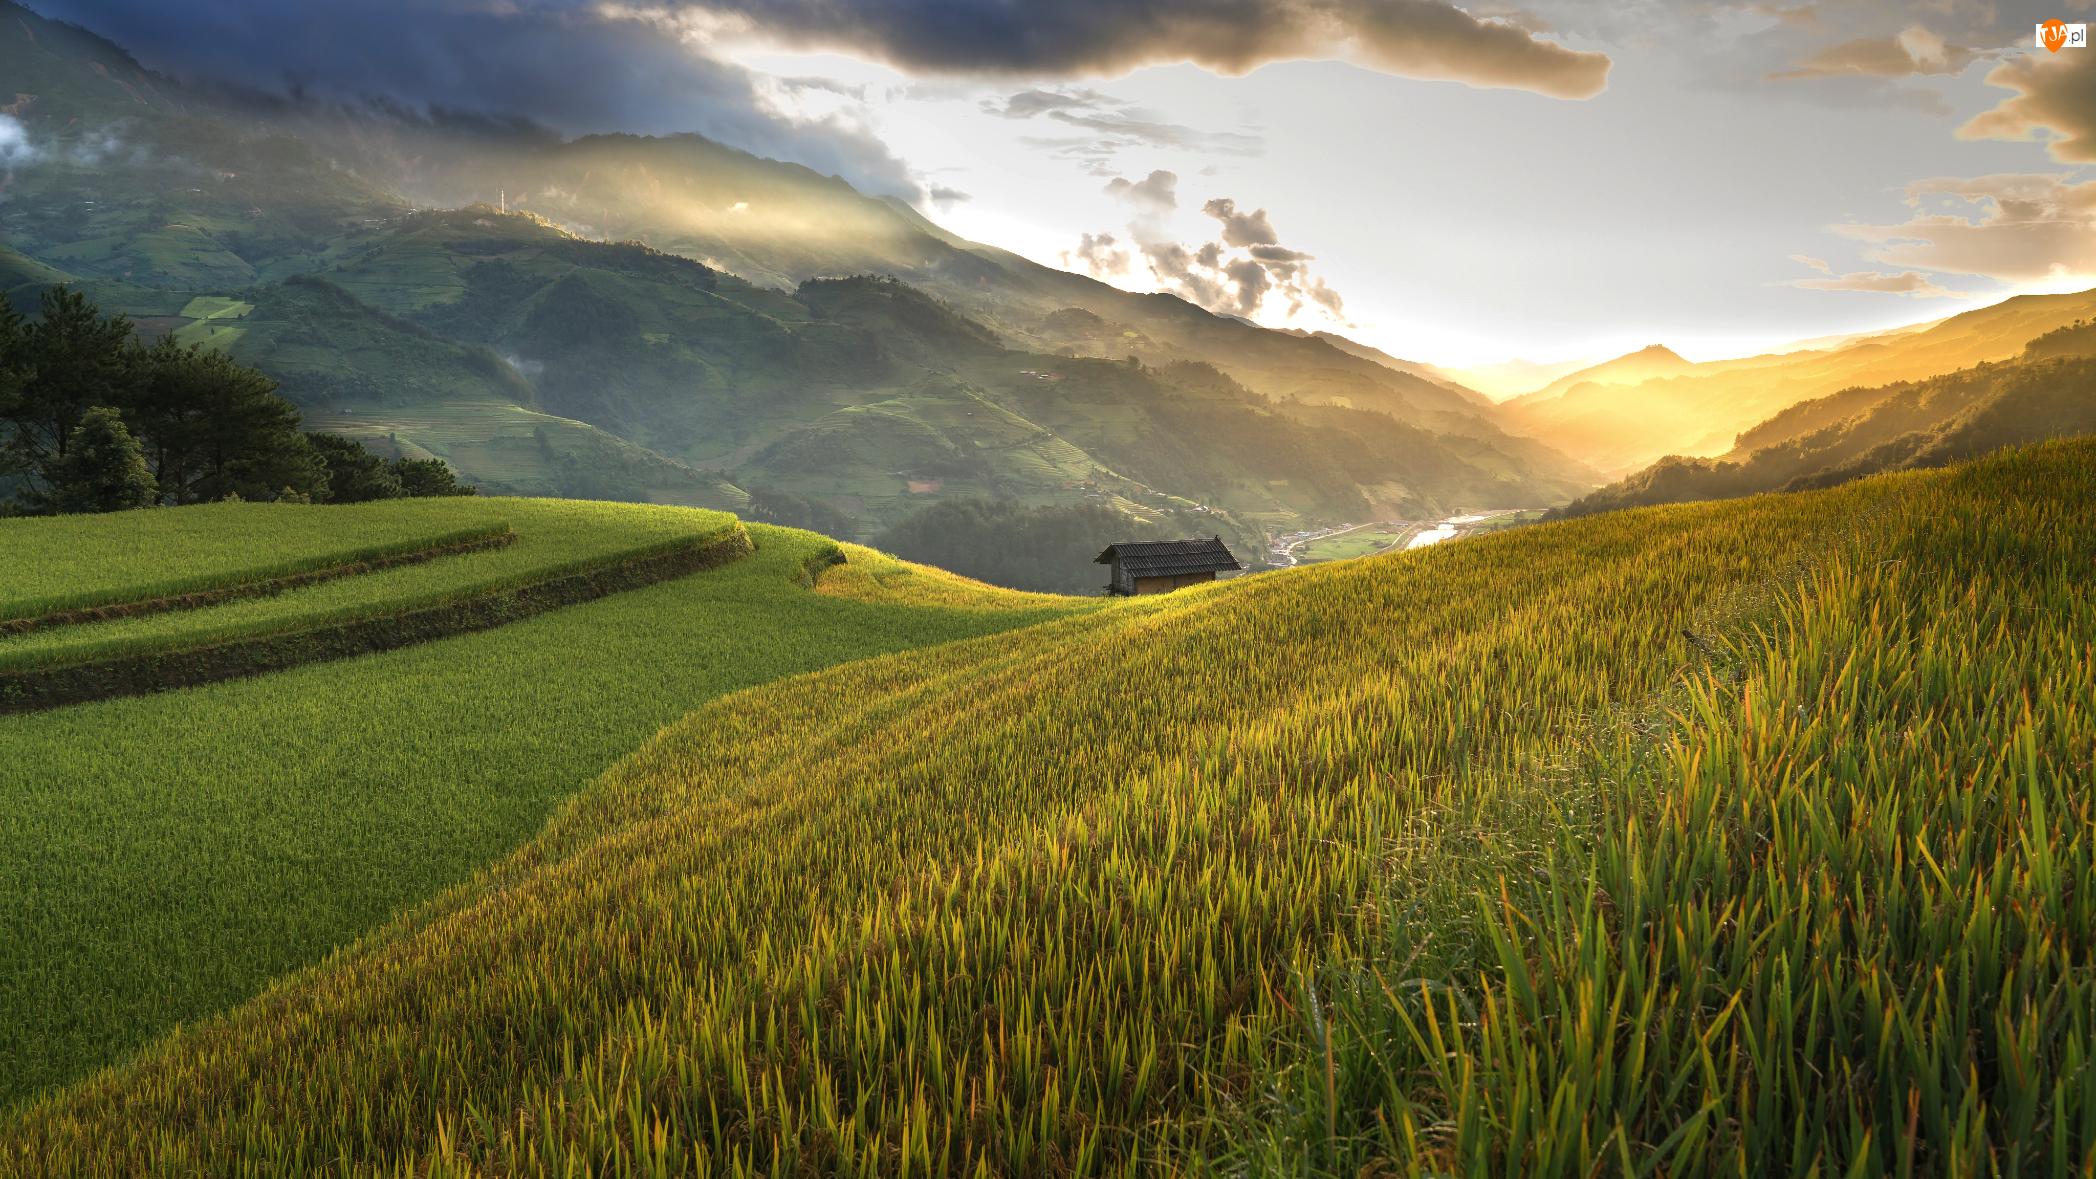 Pola uprawne, Wzgórza, Góry, Dolina